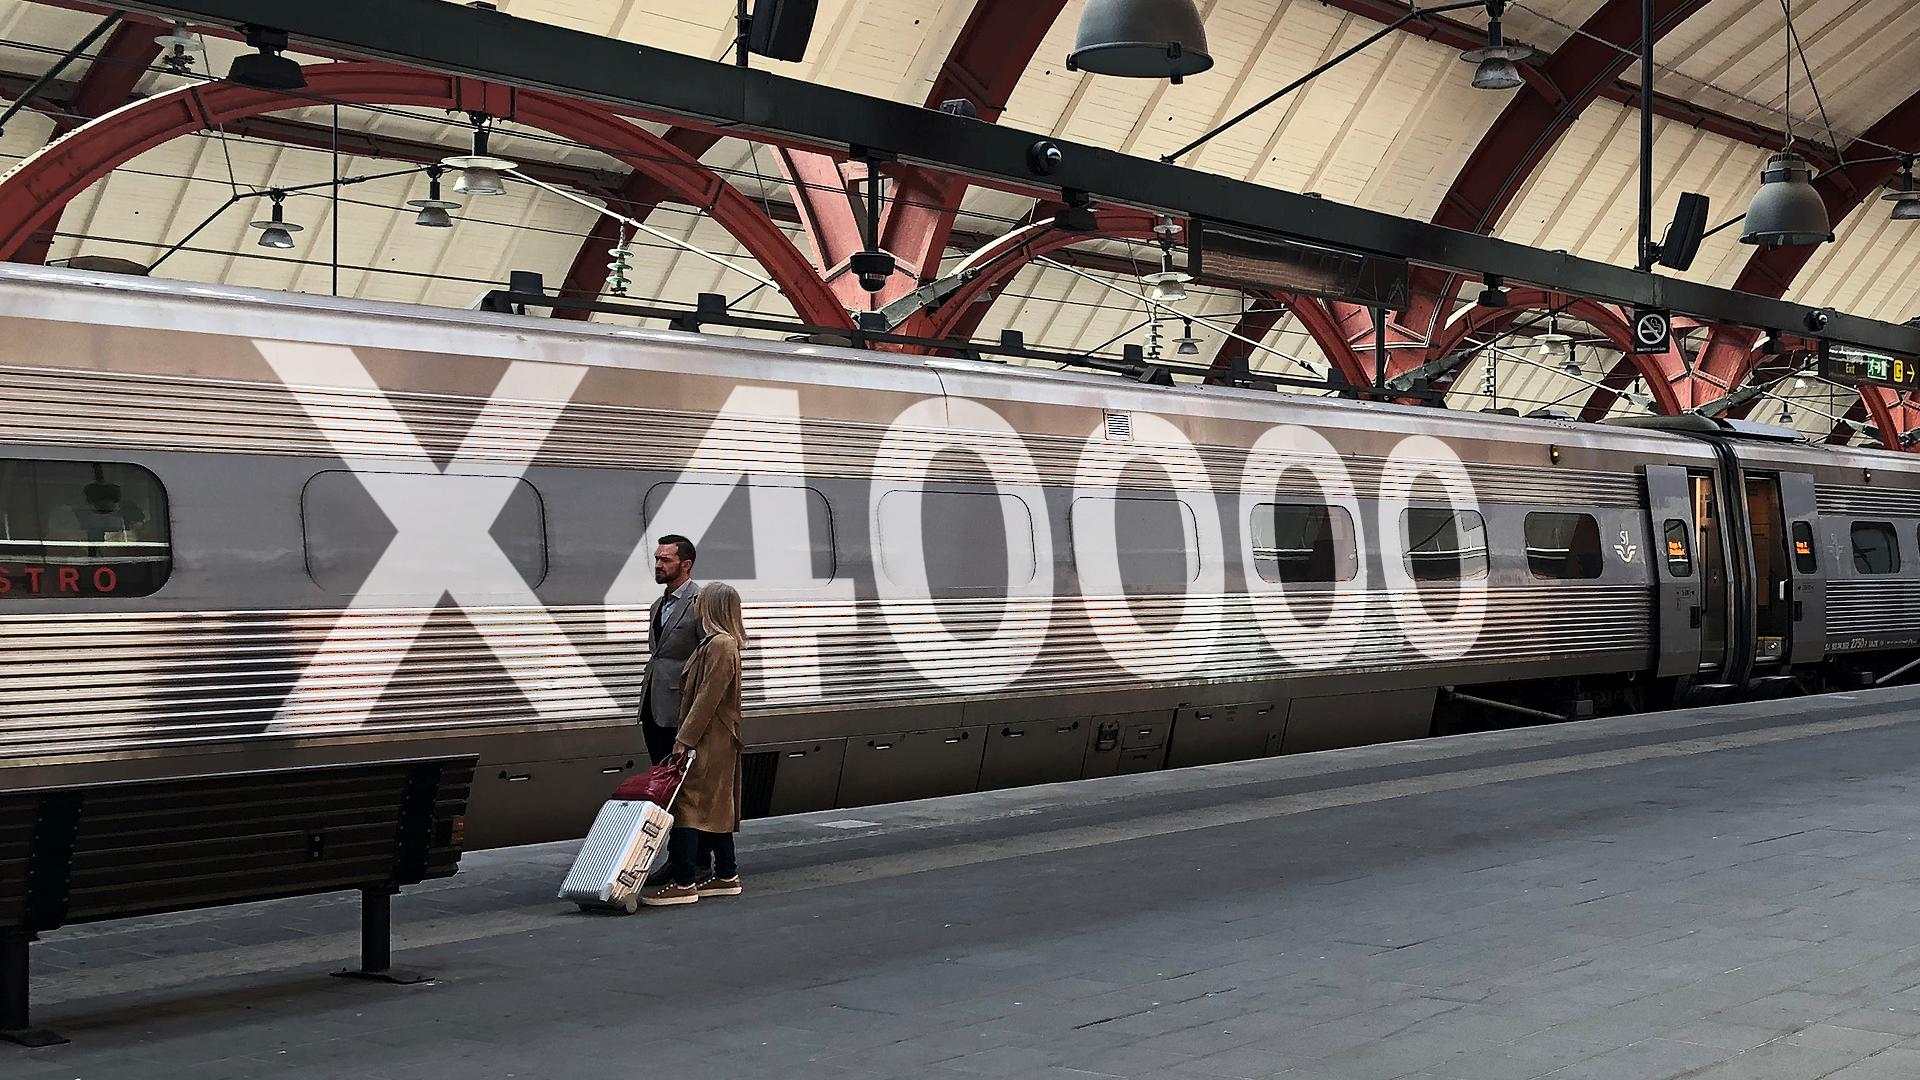 Med tallet X 40.000 signalerer det svenske DSB, SJ, at der er lige så megen kvælstofudledning på én flyrejse mellem Stockholm og Gøteborg som med 40.000 rejser med det svenske højhastighedstog, X 2000. Pressefoto fra SJ.